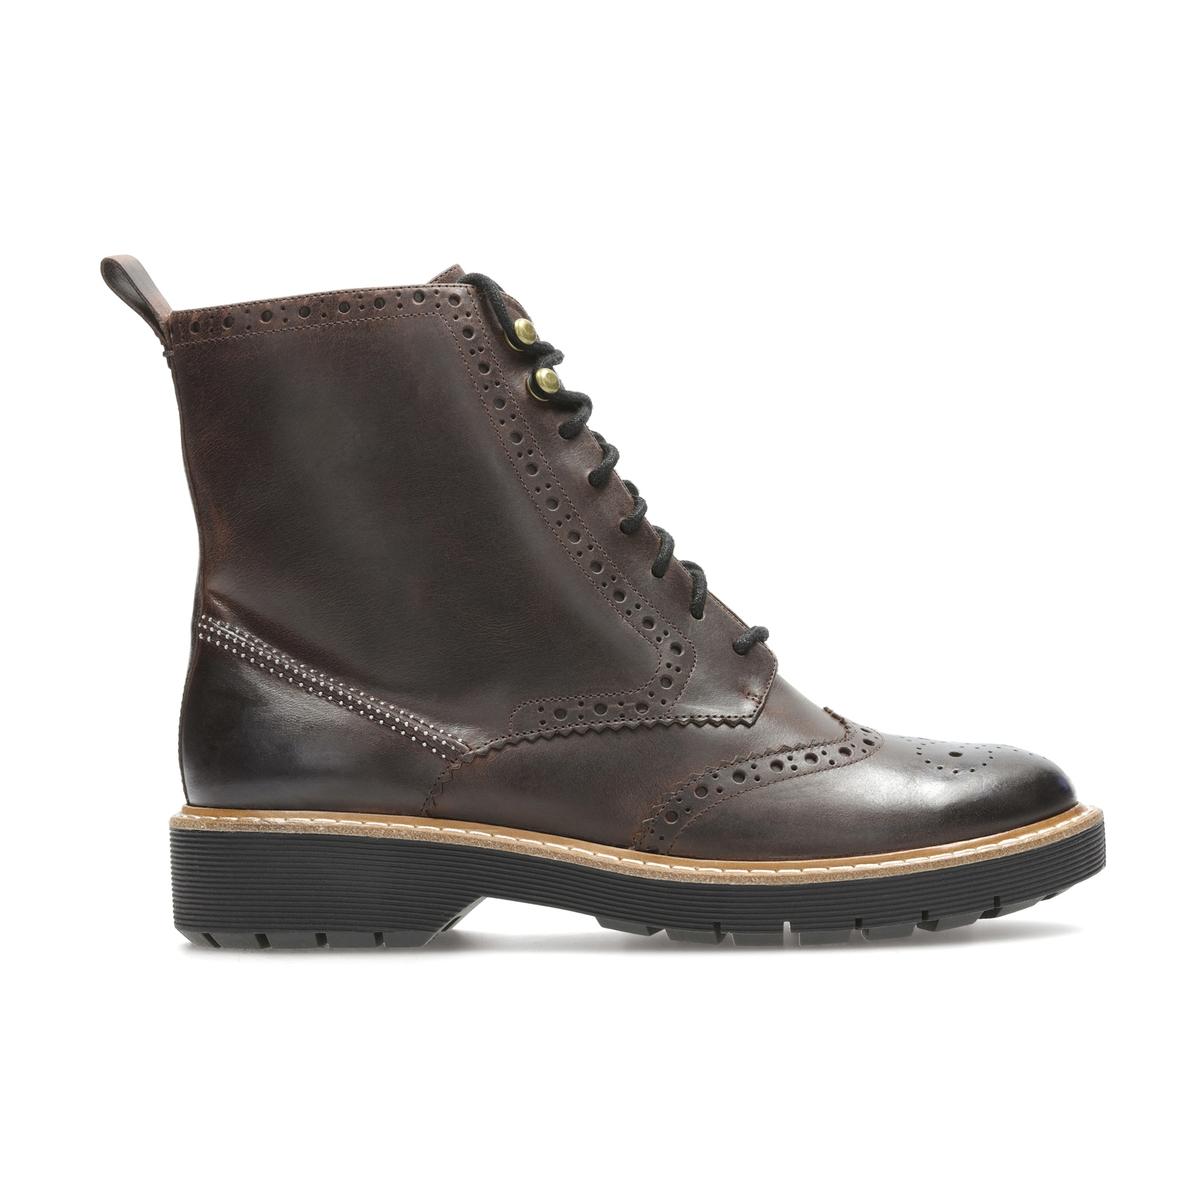 Ботинки кожаные на шнуровке Witcombe Flo ботинки женские зимние на шнуровке без каблука купить